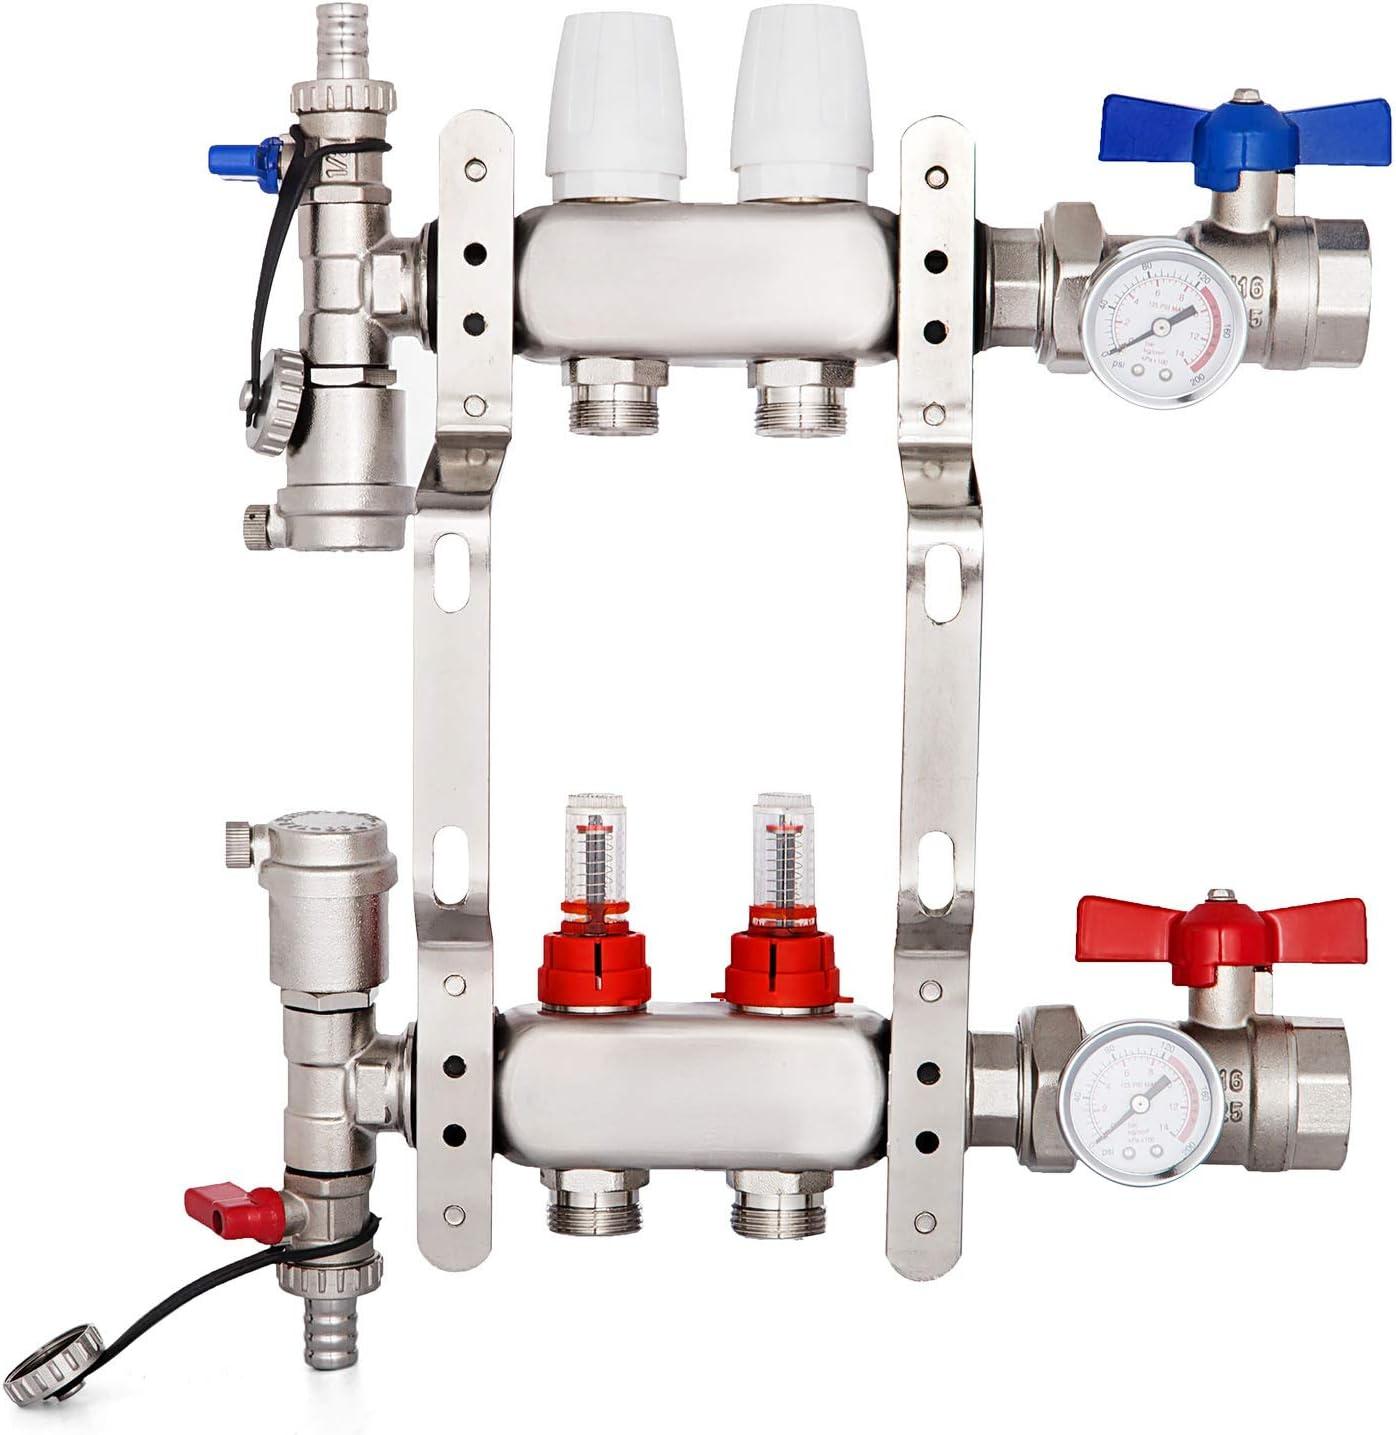 """BestEquip 2-Loop 1/2"""" Pex Manifold with Flow Meters Stainless Steel Radiant Floor Manifold Set 2-Branch Radiant Floor Heating Manifold Kit for 1/2 Inch PEX Tubing Manifold (2 Loop)"""